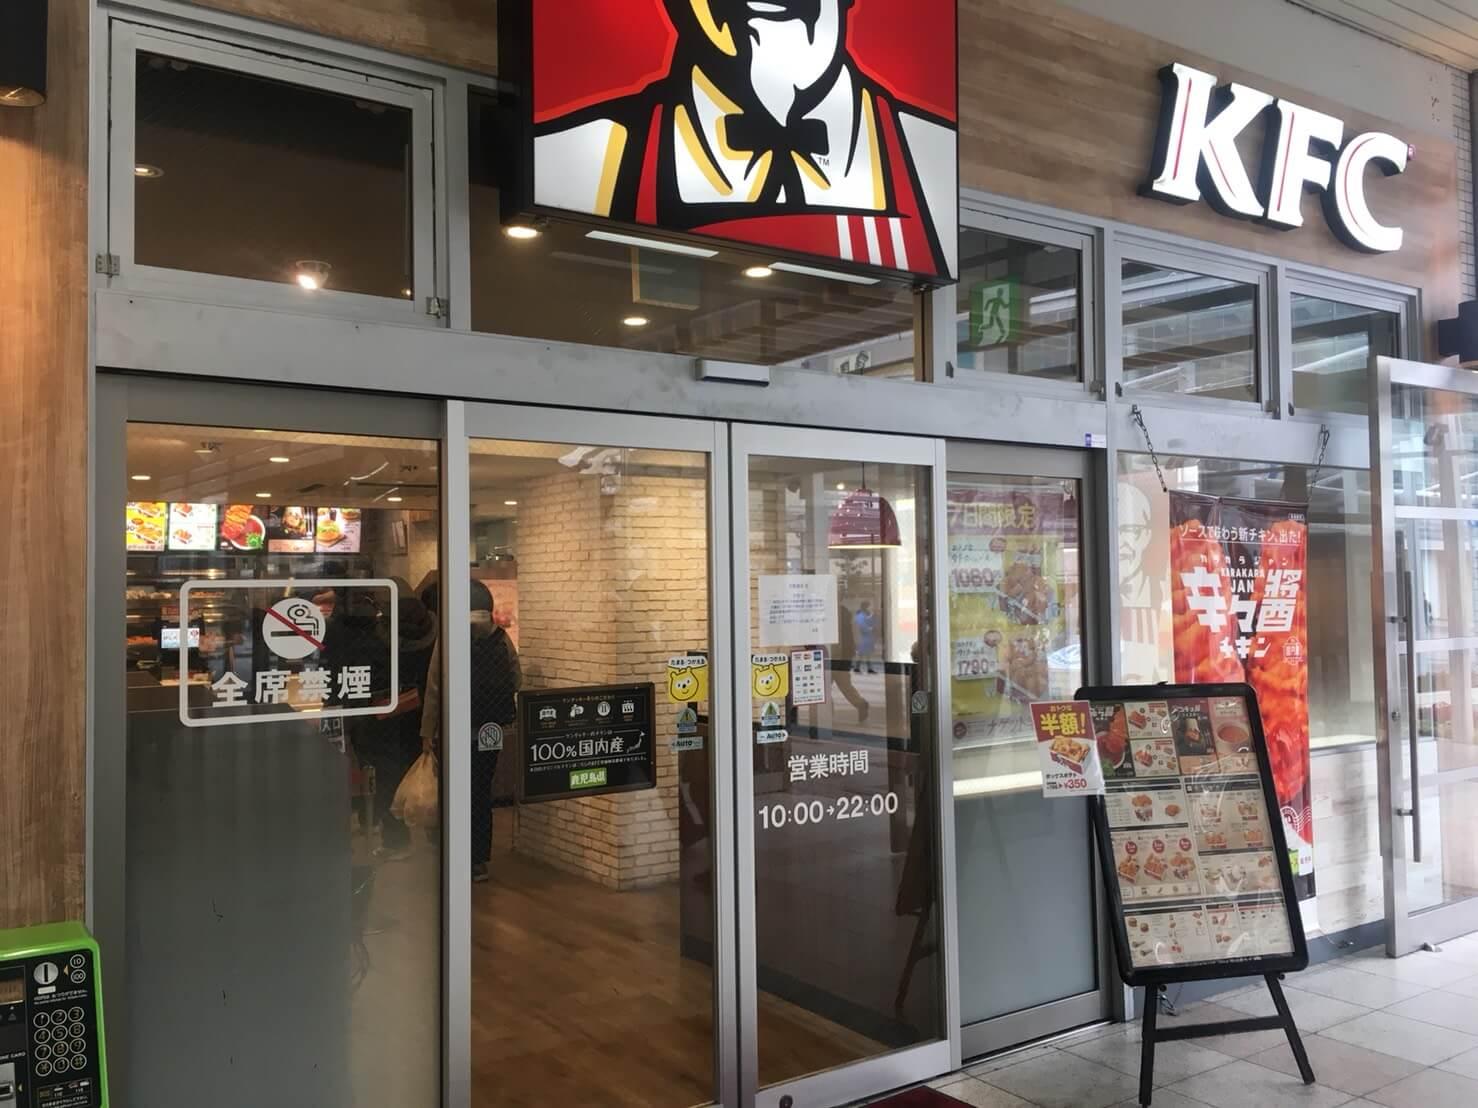 明石の勉強できるカフェ ケンタッキー